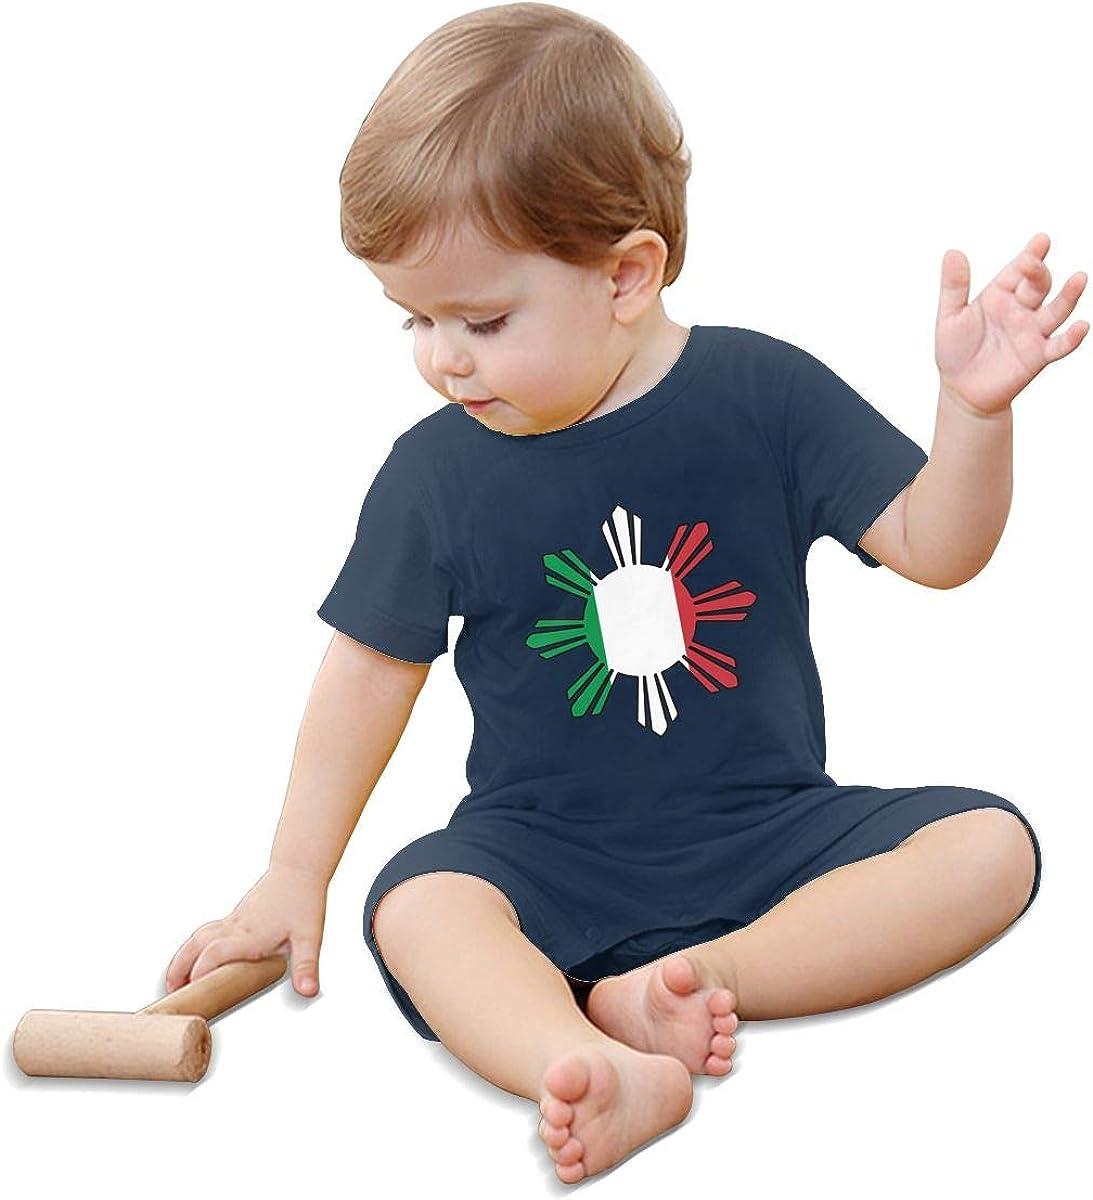 Newborn Kids Jumpsuit Italian Flag Philippines Sun Symbol Toddler Jumpsuit